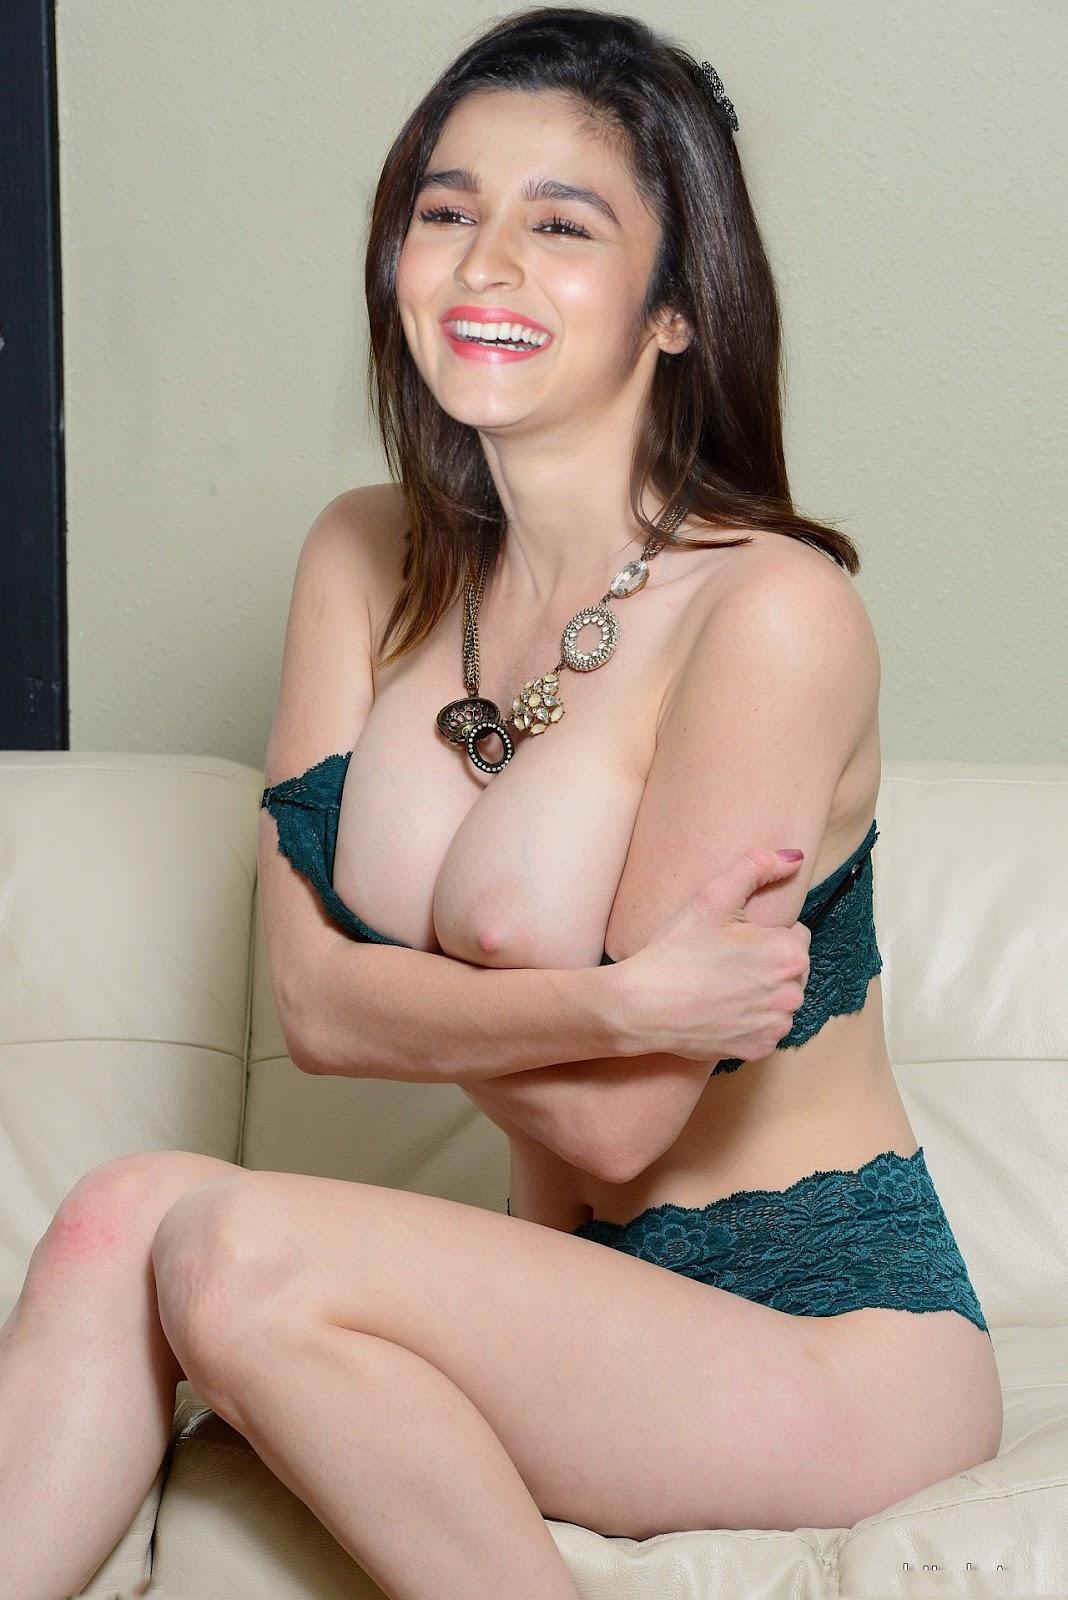 Hidden cam porn stripper